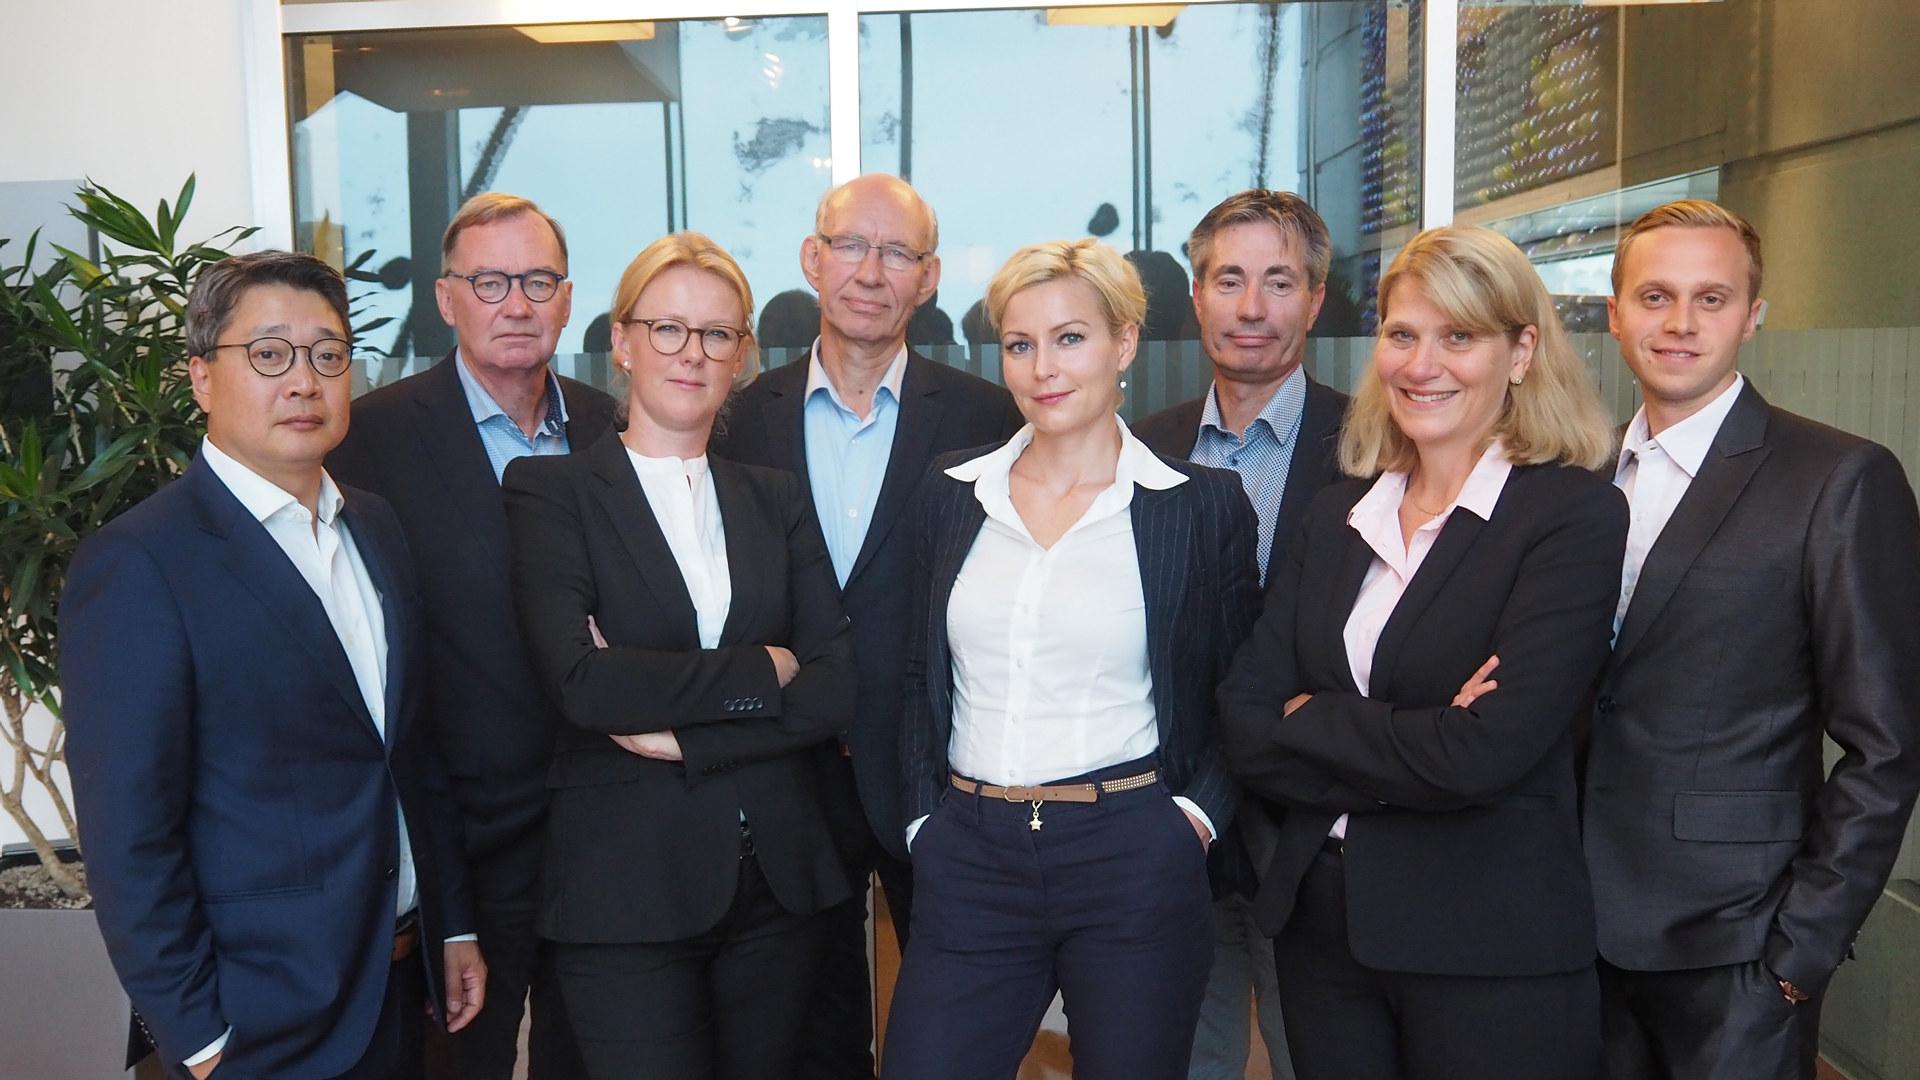 Juridisk avdeling 2018. Fv.: Terje Hovet, Tore M. Sellæg, Birgitte Stenberg Kravik, Preben Westh Christensen, Vibeke Lærum, Hans-Martin Møllhausen, Sunniva Berntsen, André Berka